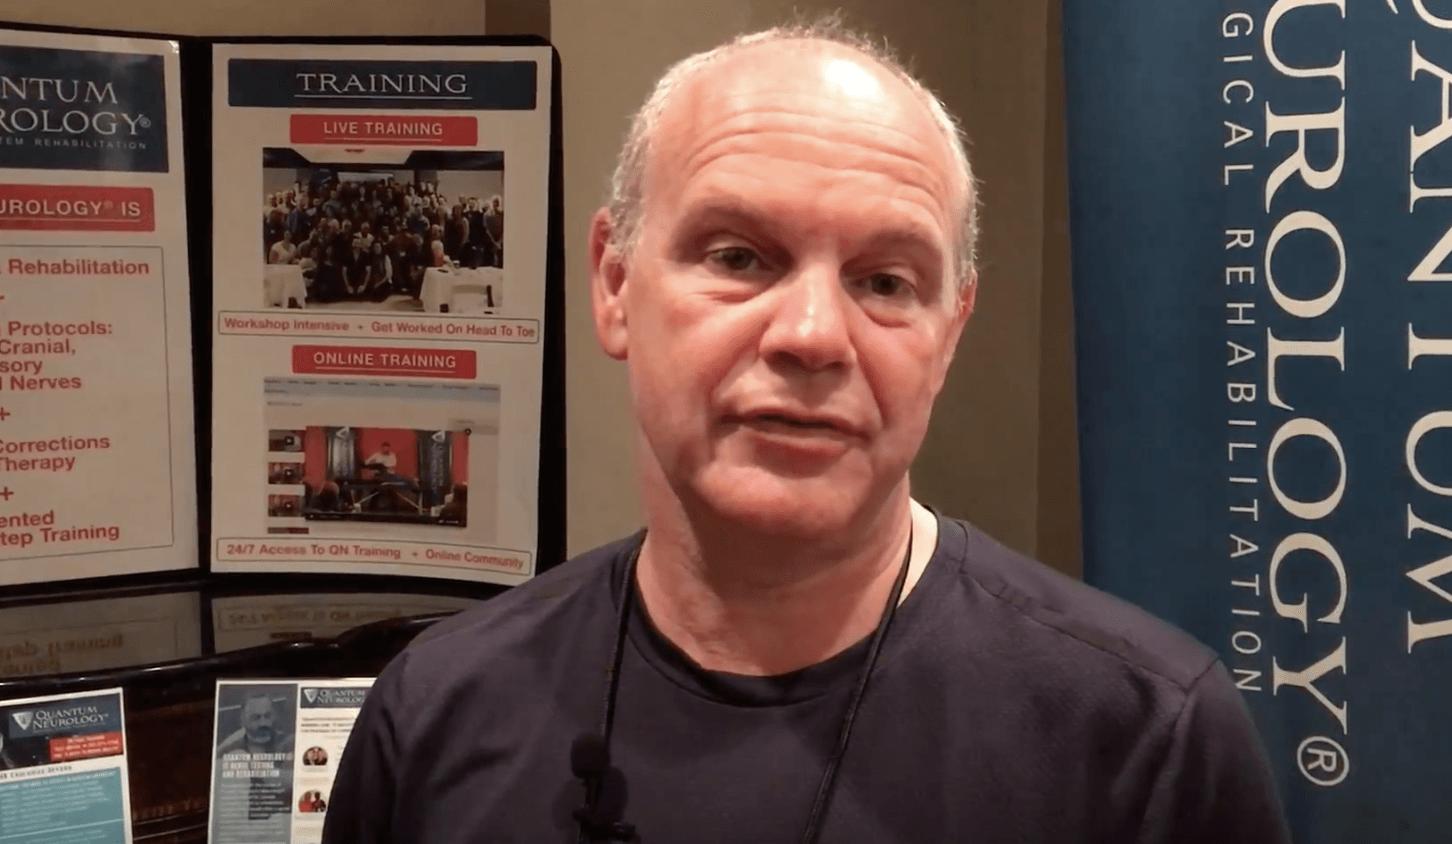 Dr. Steven Zodkoy Testimonial